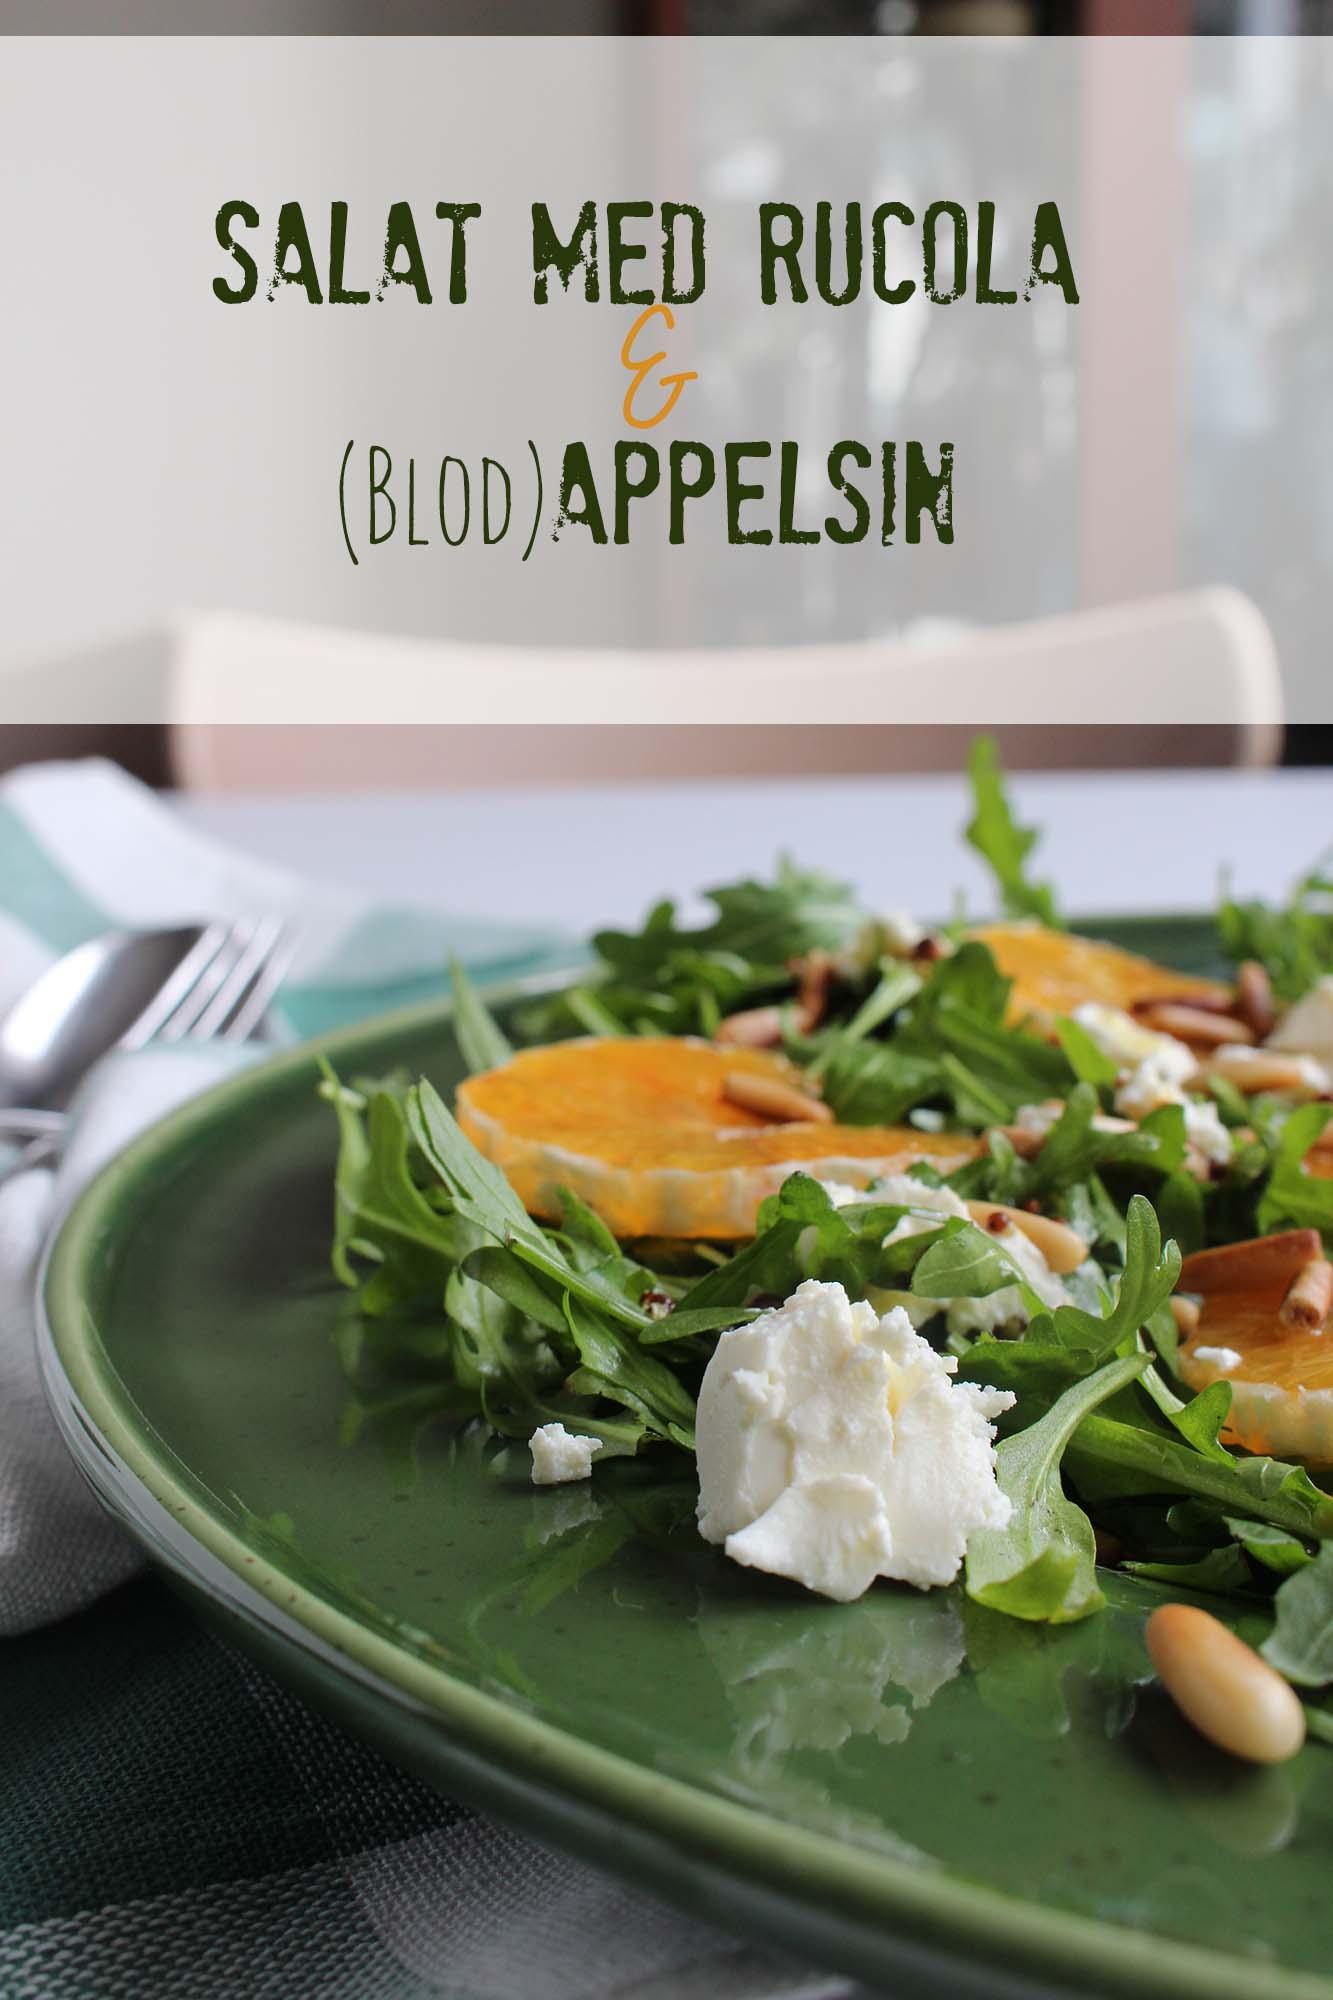 Salat med rucola og appelsin